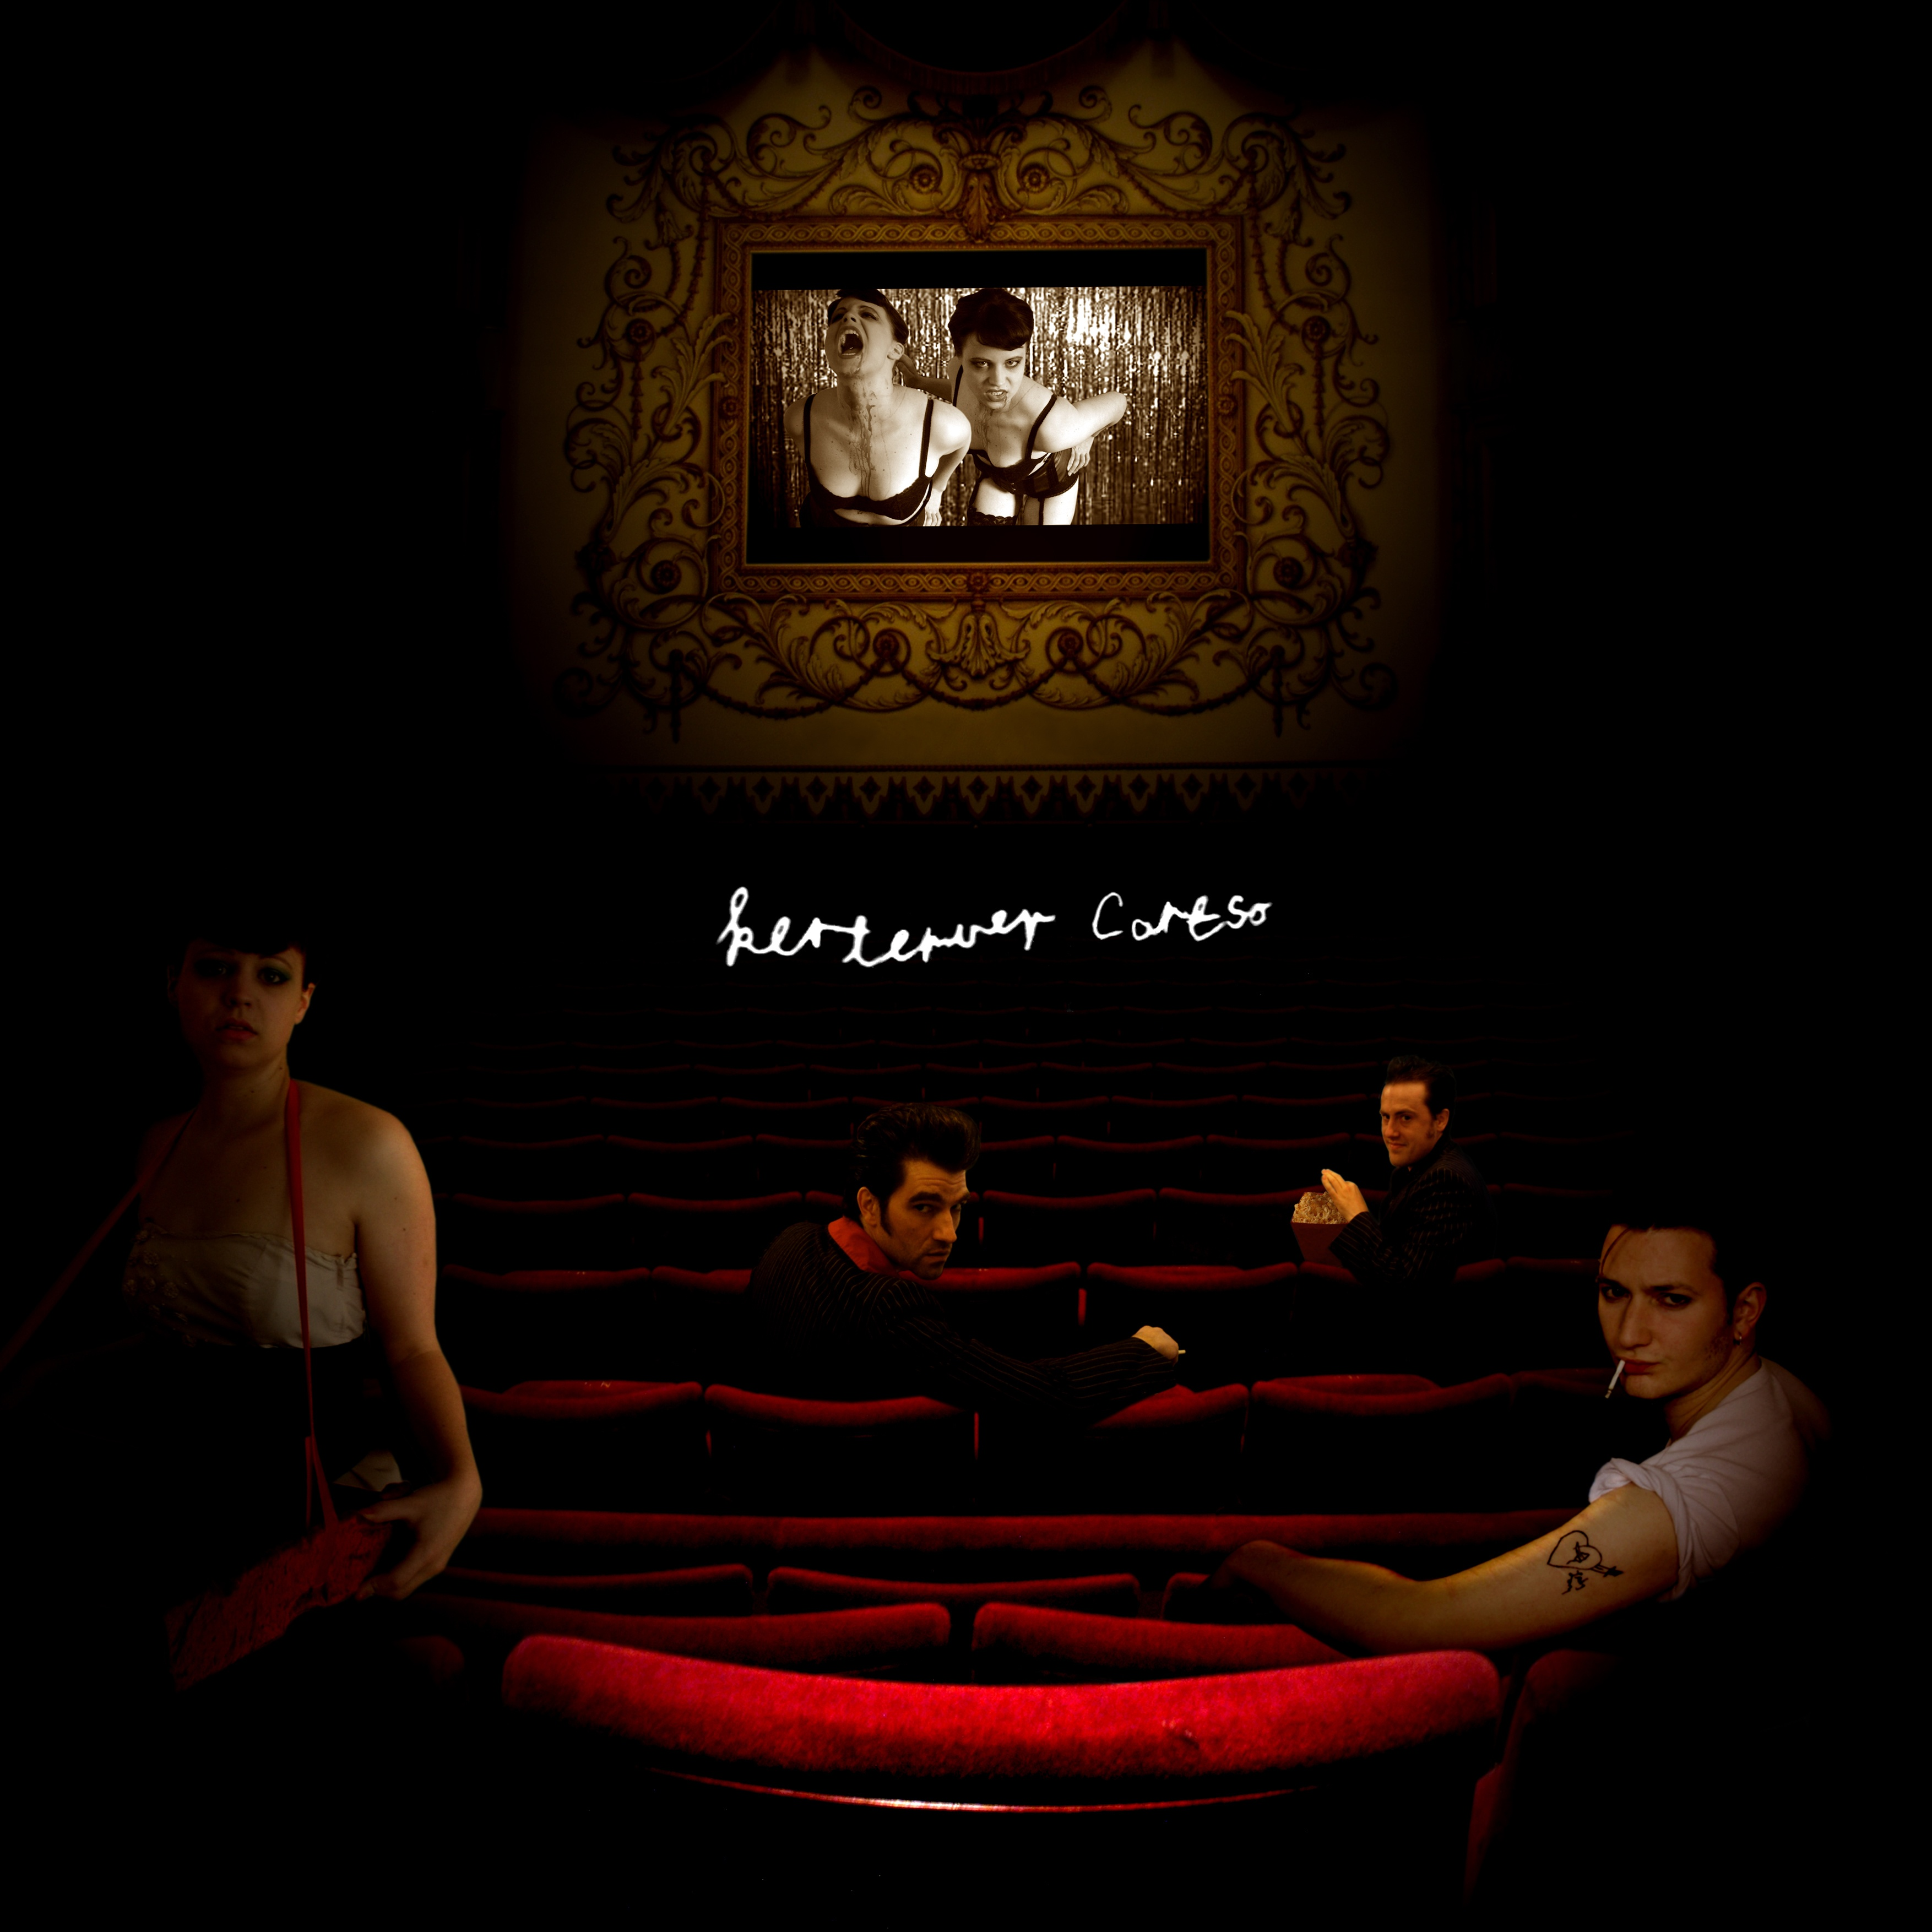 Kerterver Cartzo Album Cover JPG.jpg